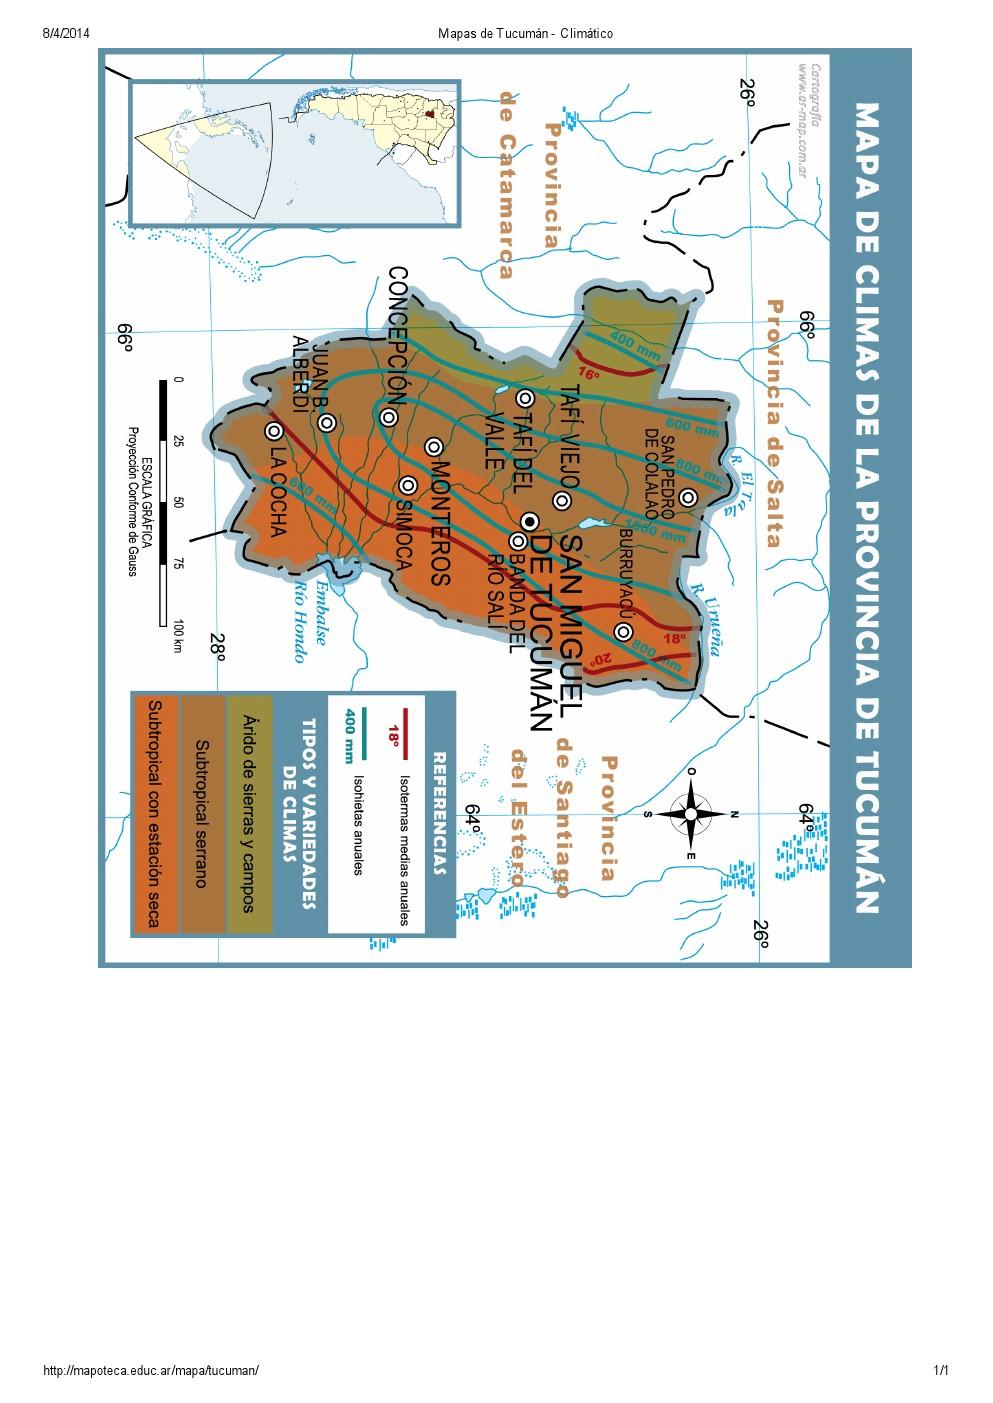 Mapa climático de Tucumán. Mapoteca de Educ.ar